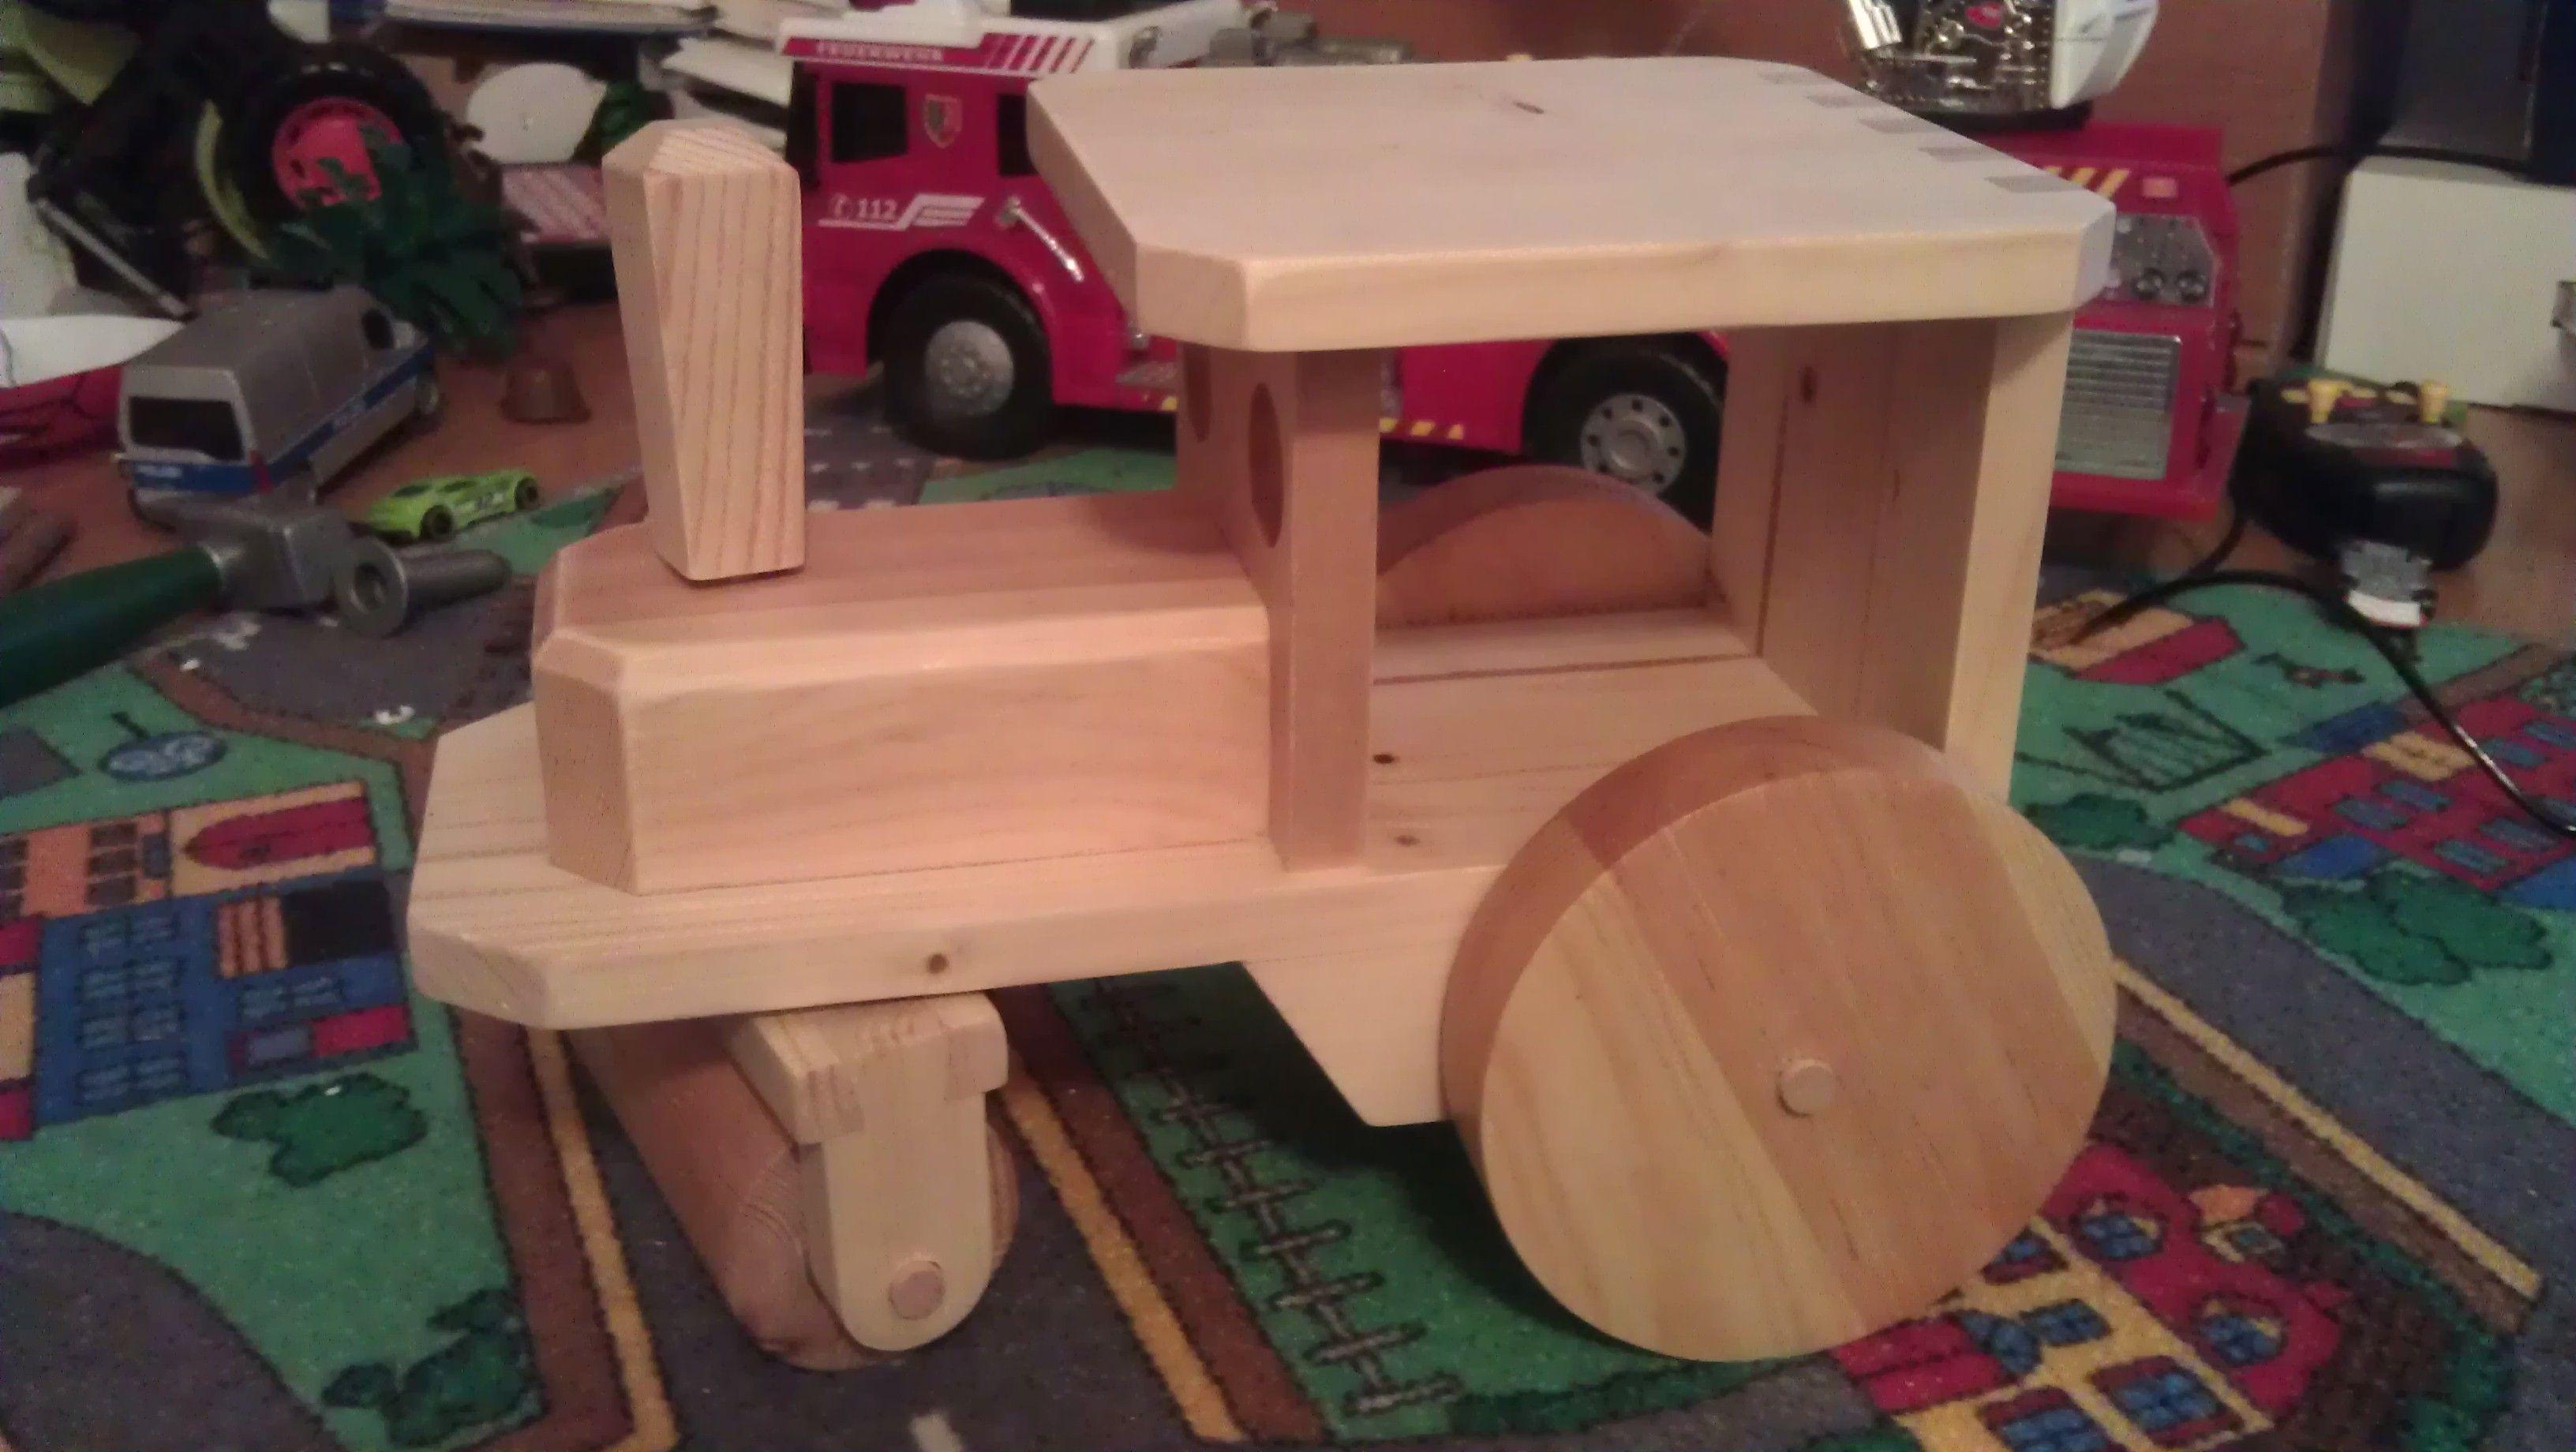 Kinderspielgerate Dampfwalze Selber Bauen Holzspielsachen Topfuntersetzer